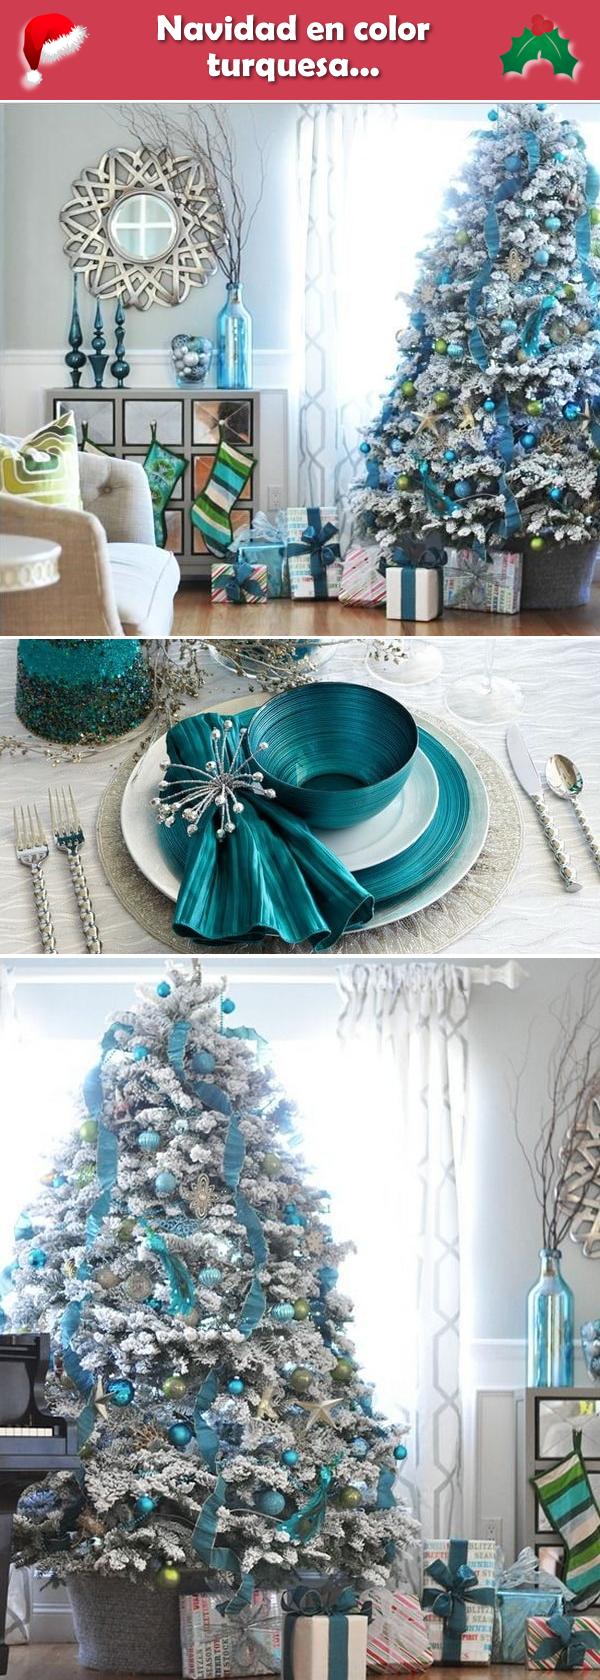 Navidad turquesa ideas para la decoraci n navide a en - Decoracion navidad moderna ...